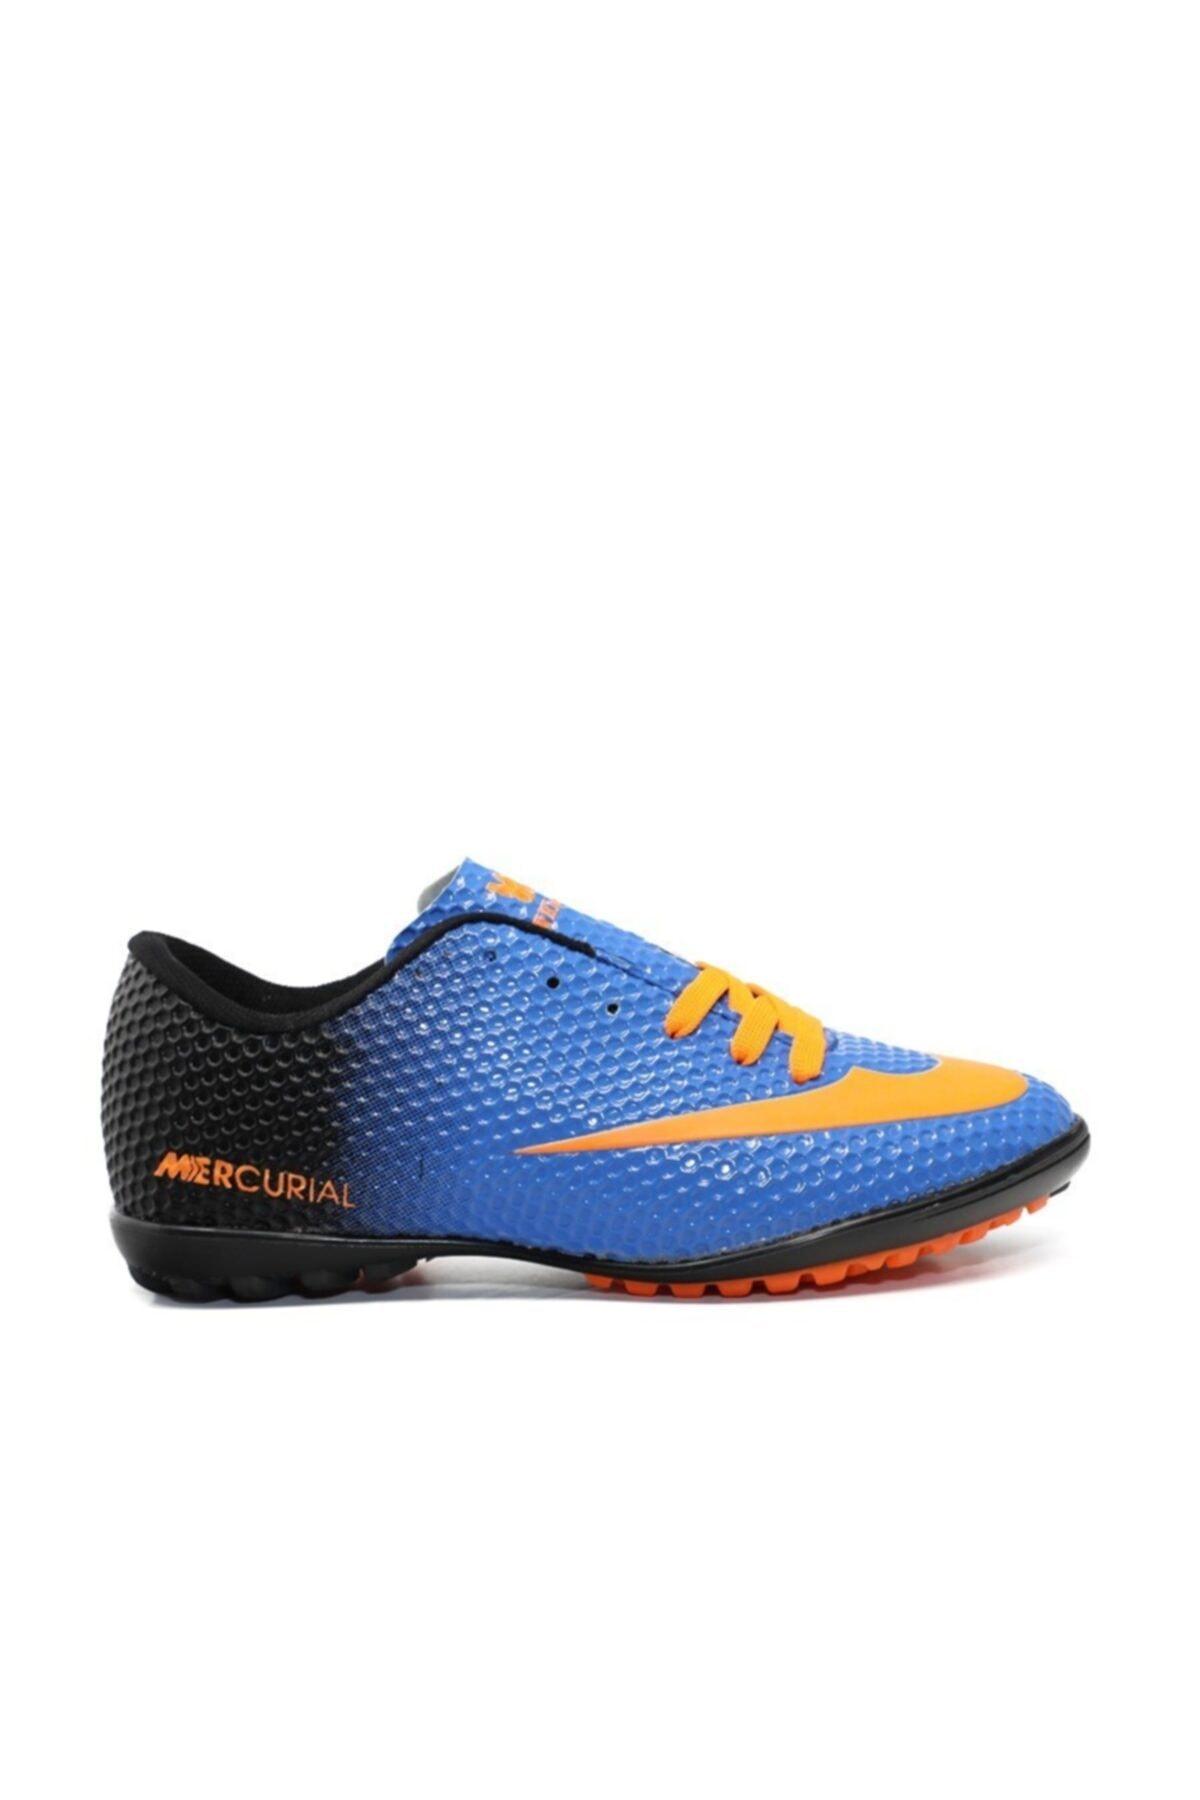 401 Mavi Turuncu Erkek Halı Saha Ayakkabısı